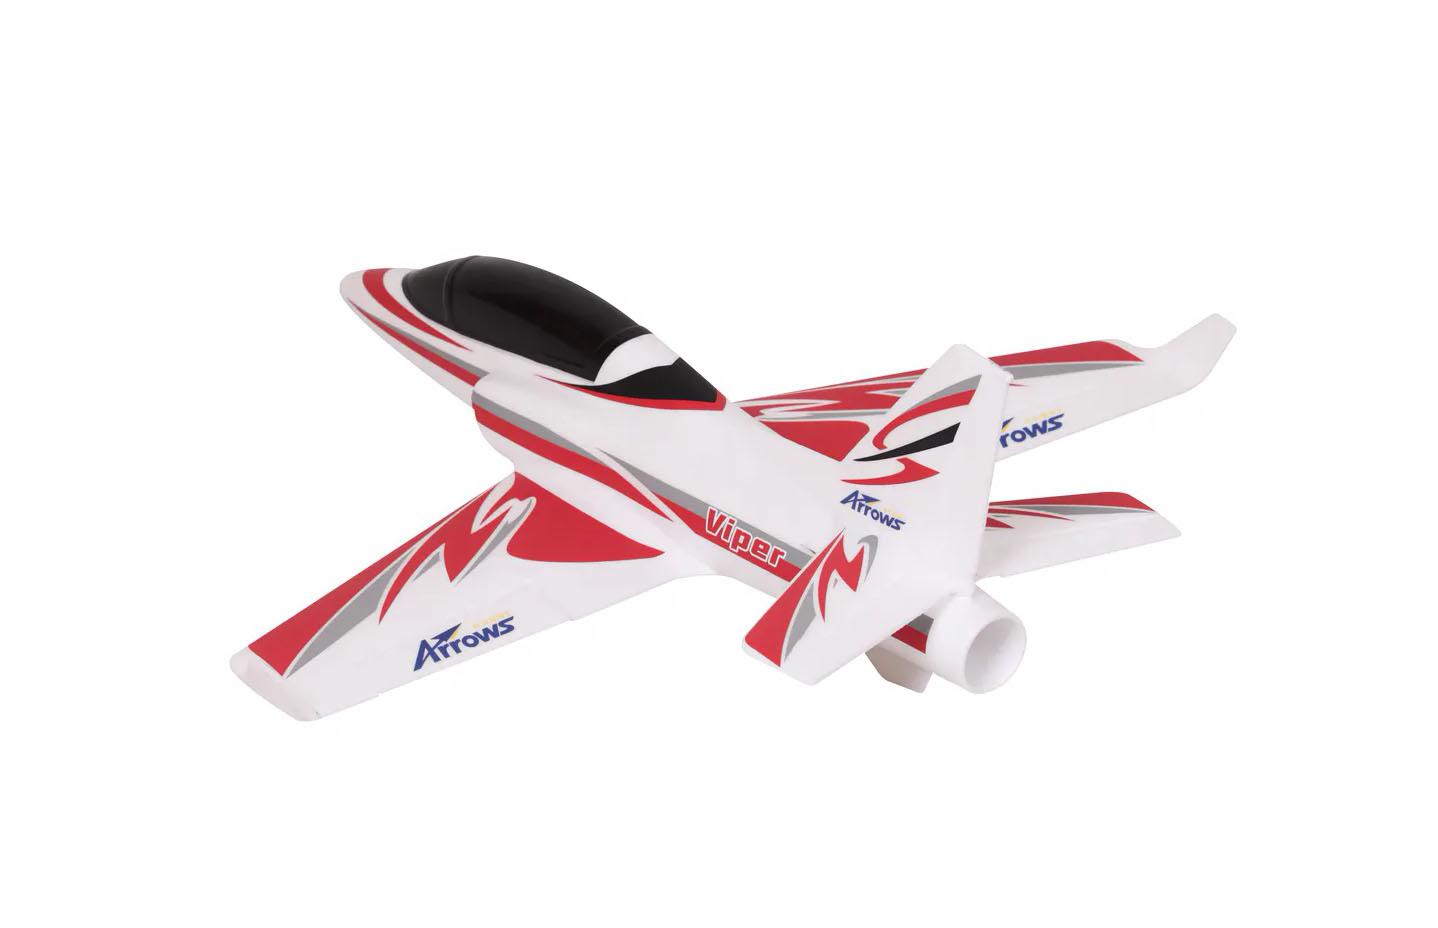 Viper Arrows RC